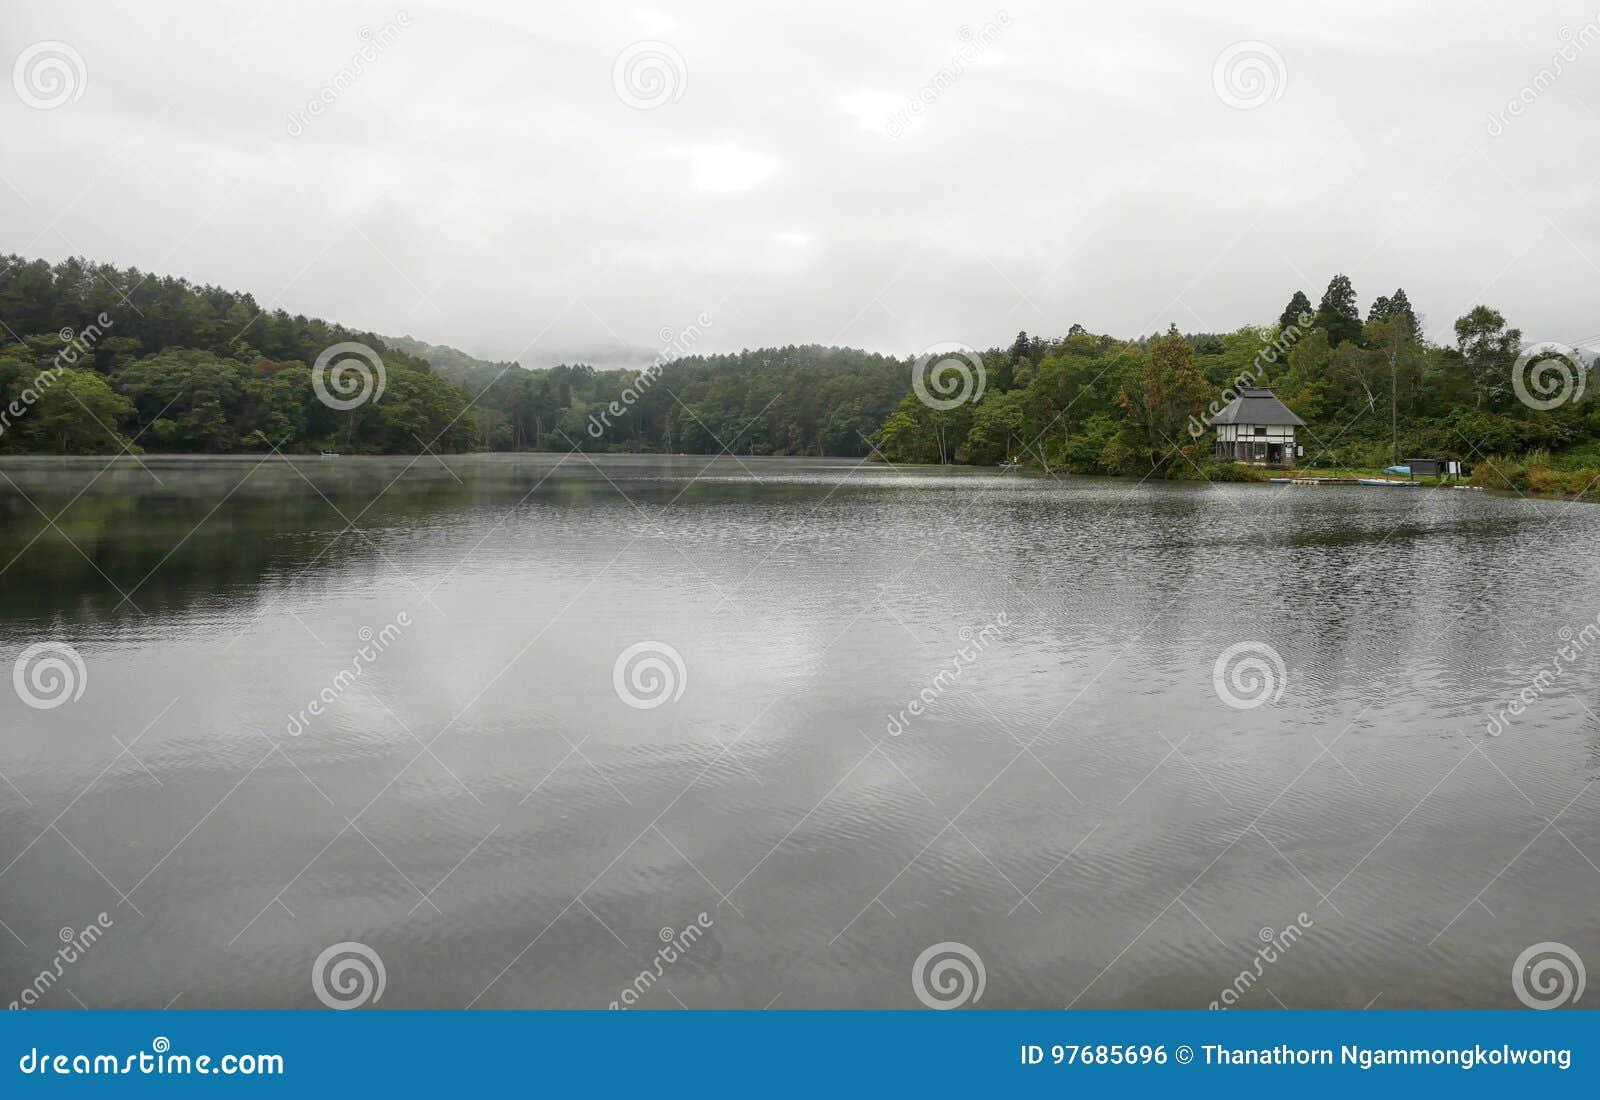 Kleines Haus Neben See Am Regnerischen Tag Stockfoto - Bild von baum ...